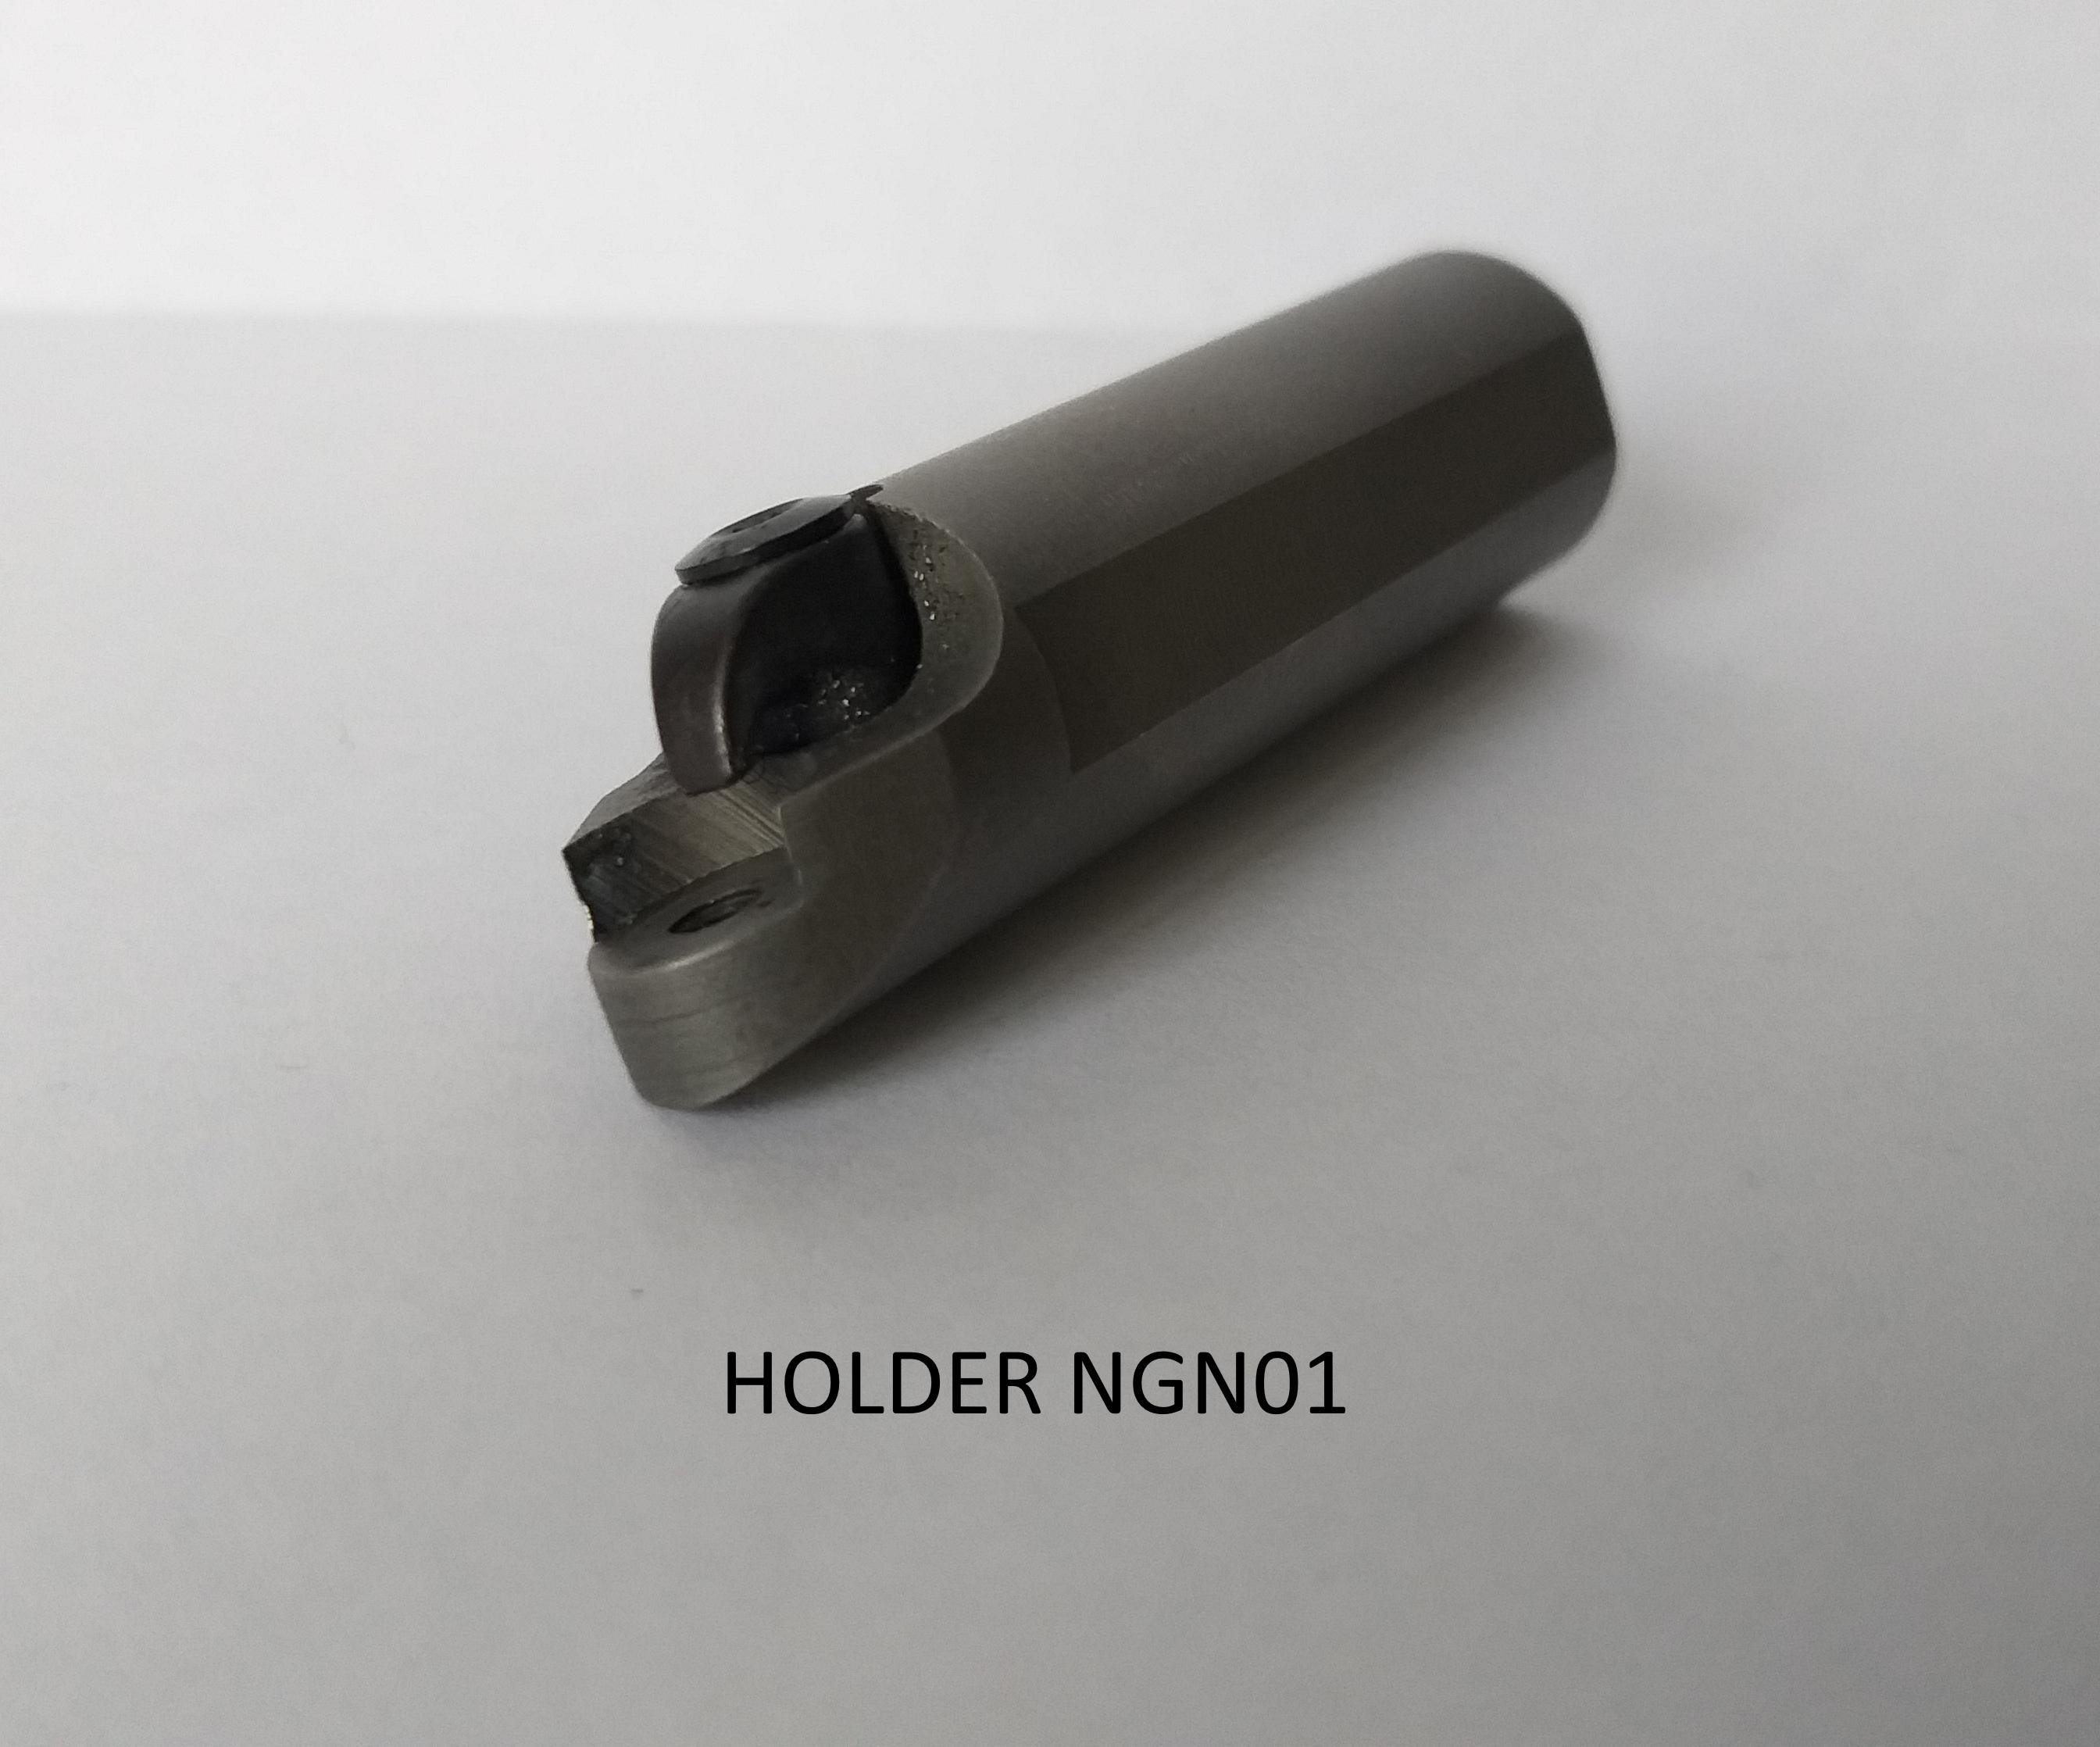 holder1.jpg